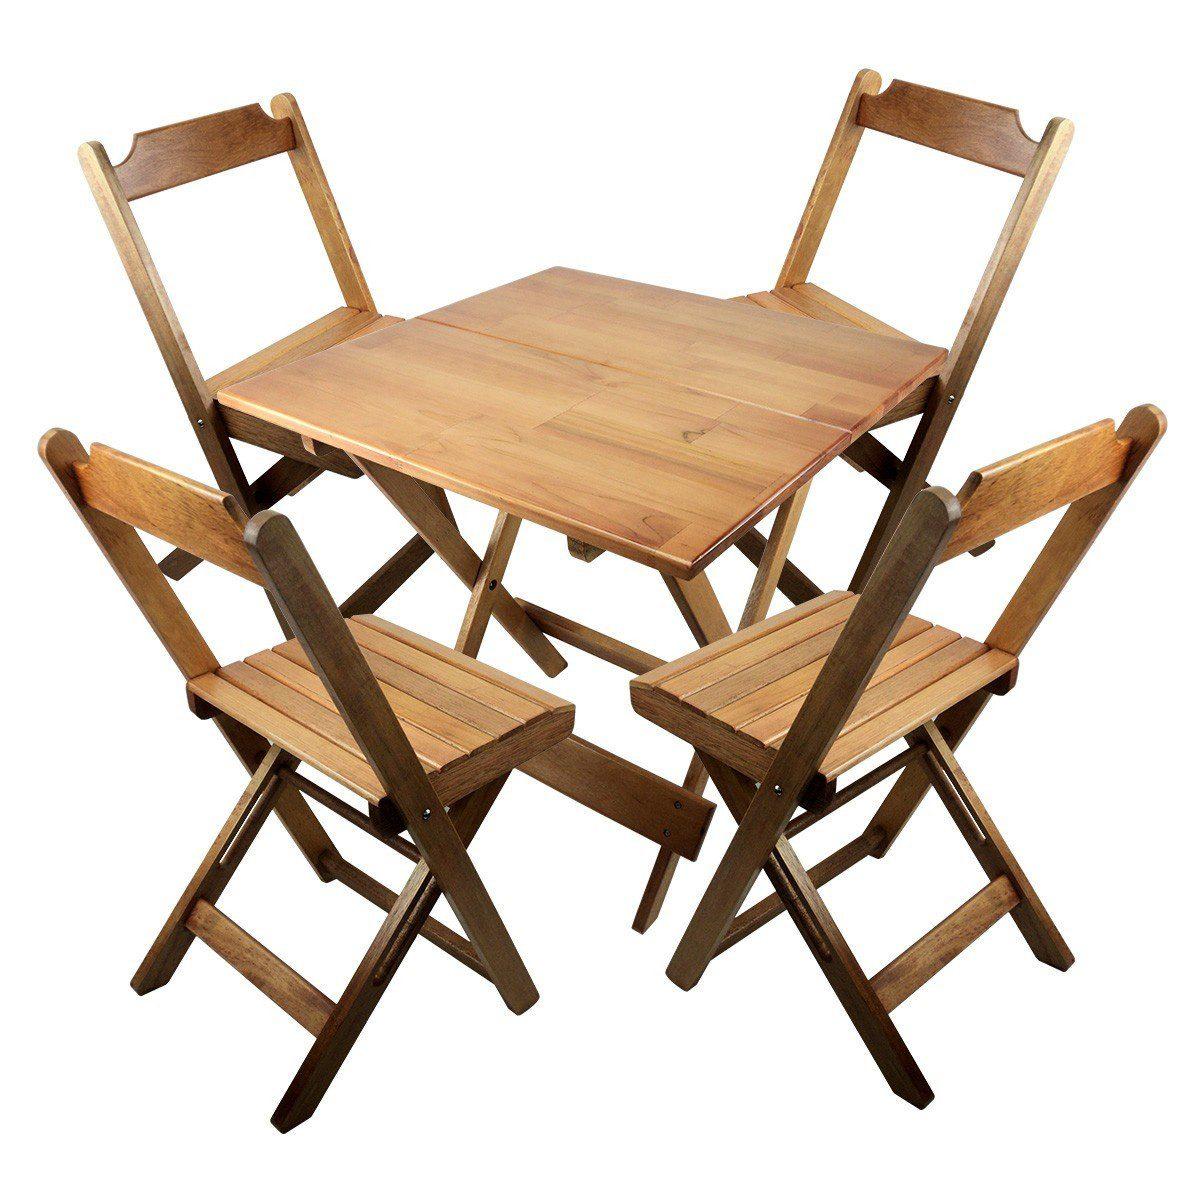 Jogo De Cadeira E Mesa Dobrável De Madeira 80x80 Natural R$ 299 90  #9D692E 1200x1200